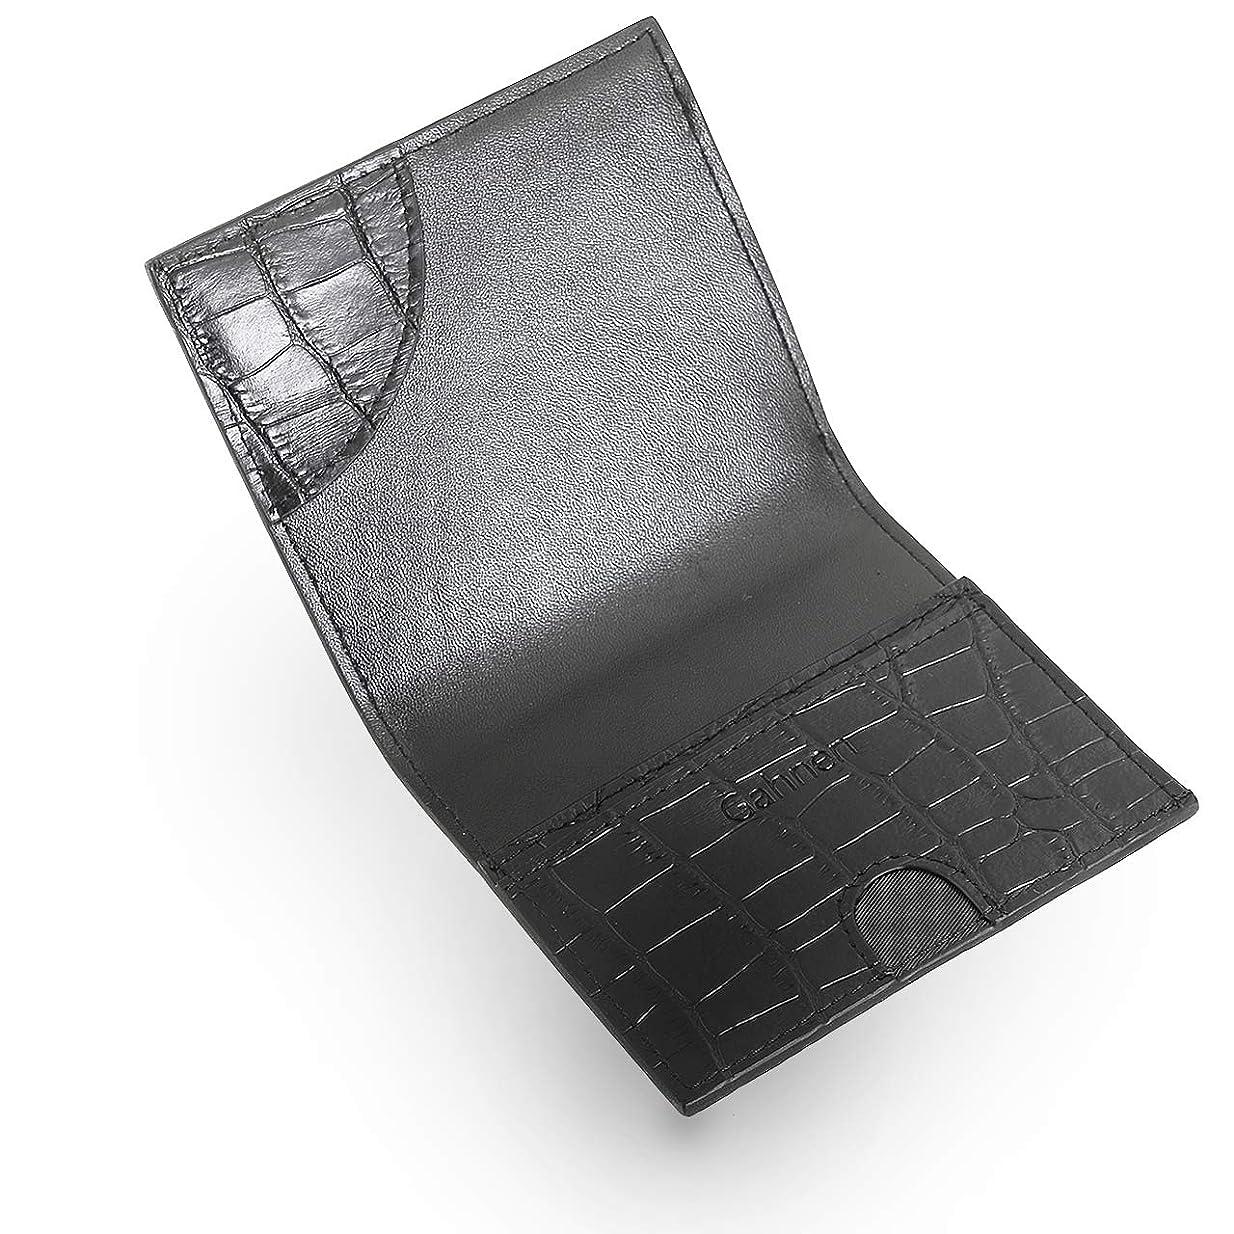 必要ない社会編集者[ゲーネン] 薄い 小さい 使いやすい 二つ折り 財布 メンズ 本革